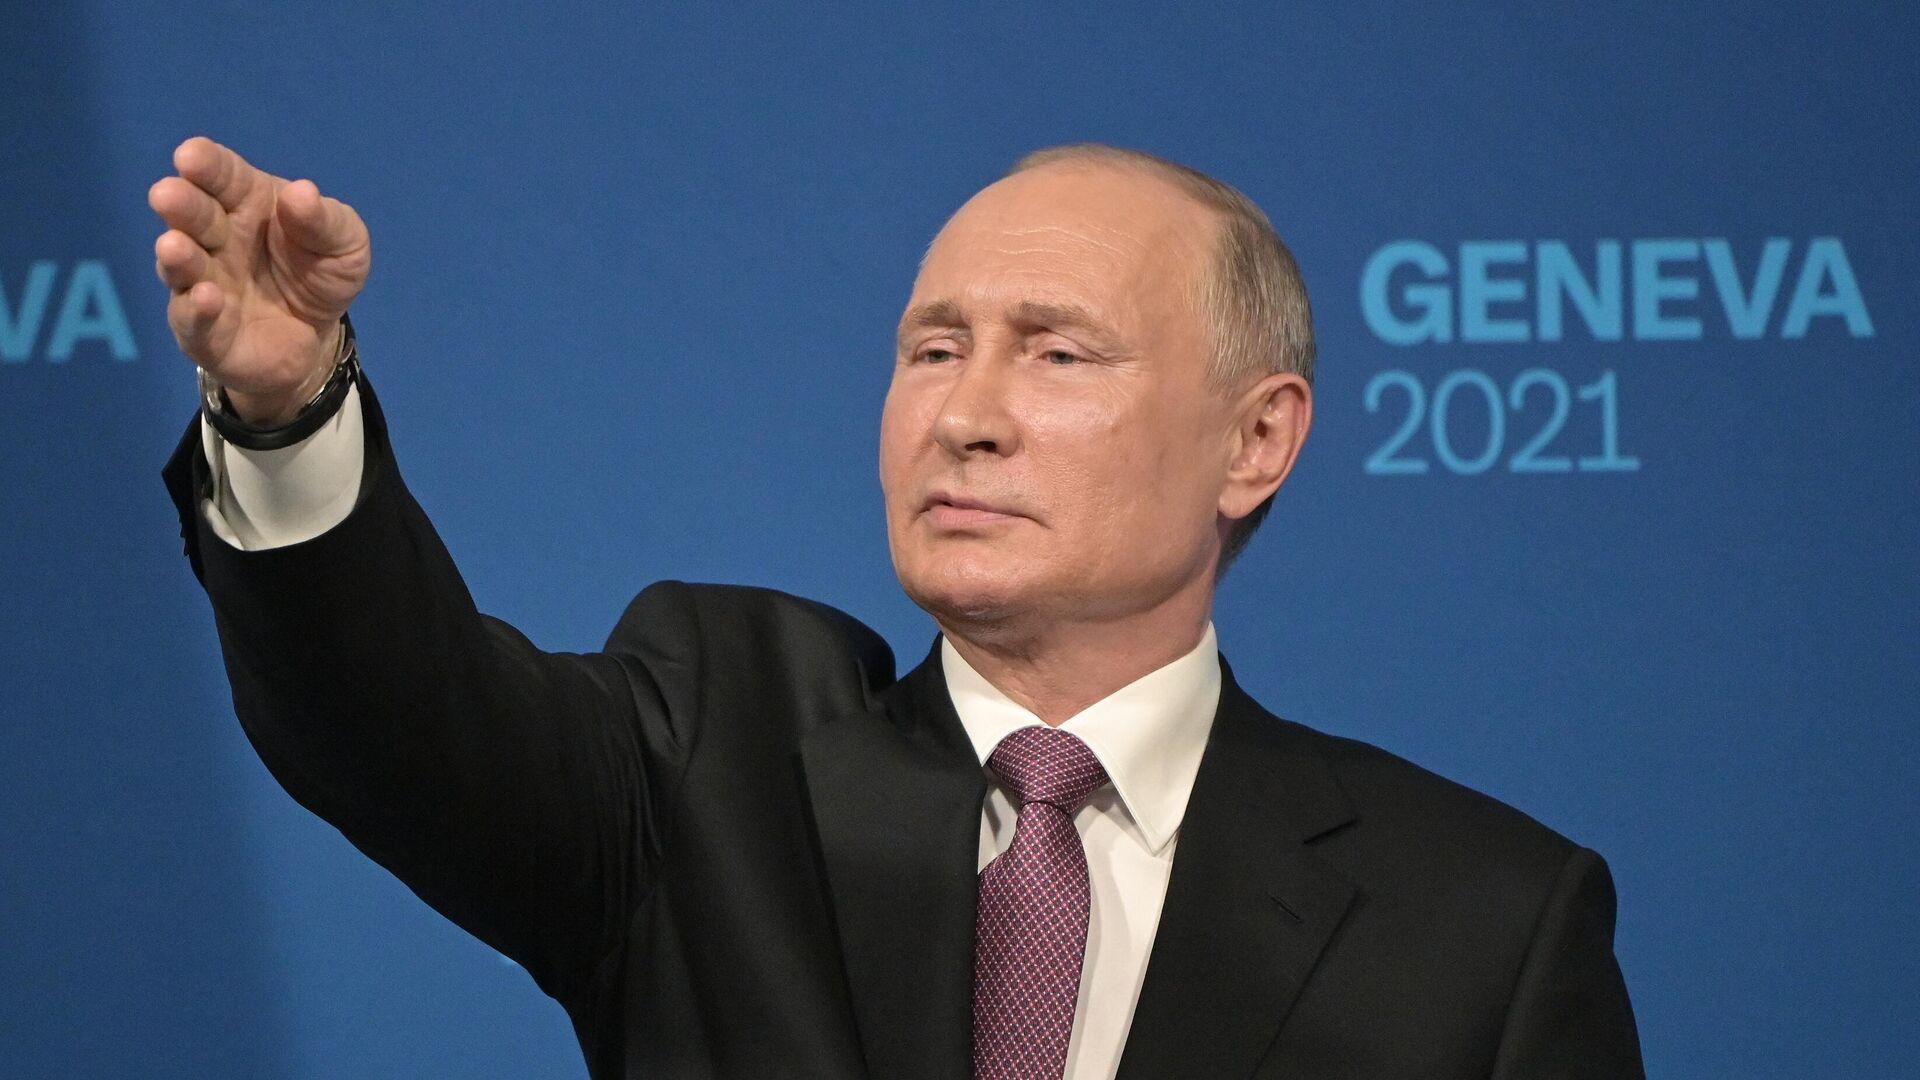 Встреча президентов России и США В. Путина и Дж. Байдена в Женеве - Sputnik Тоҷикистон, 1920, 26.08.2021